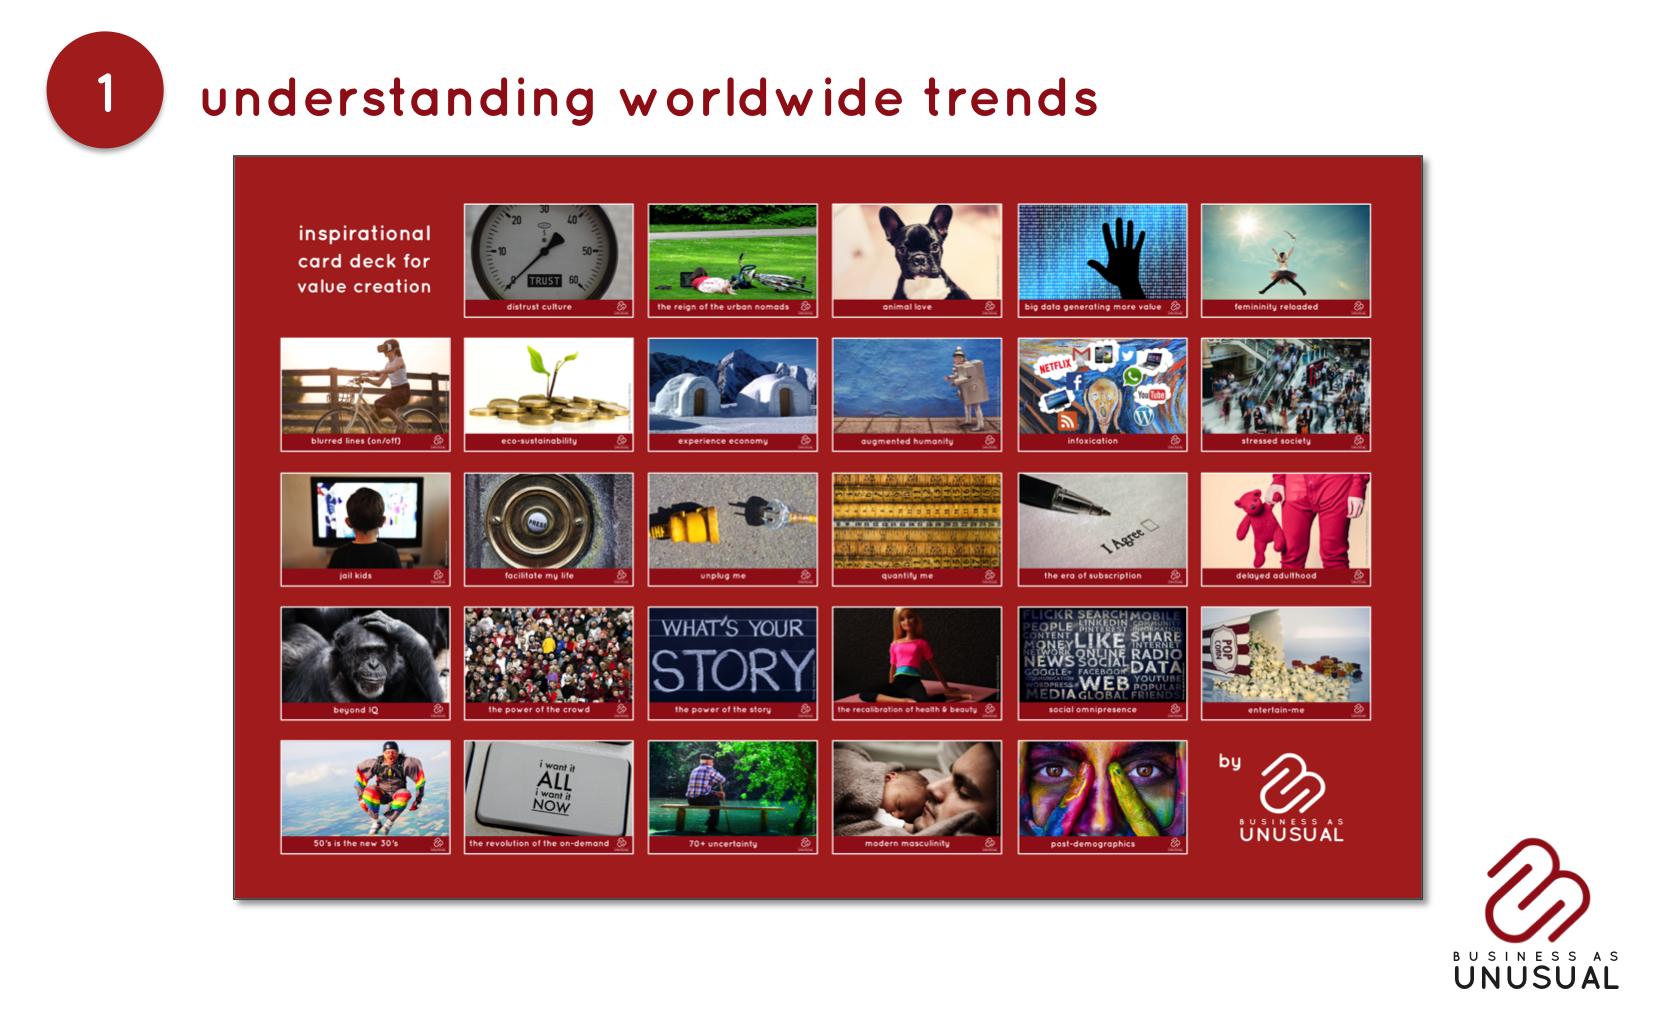 understanding worldwide trends